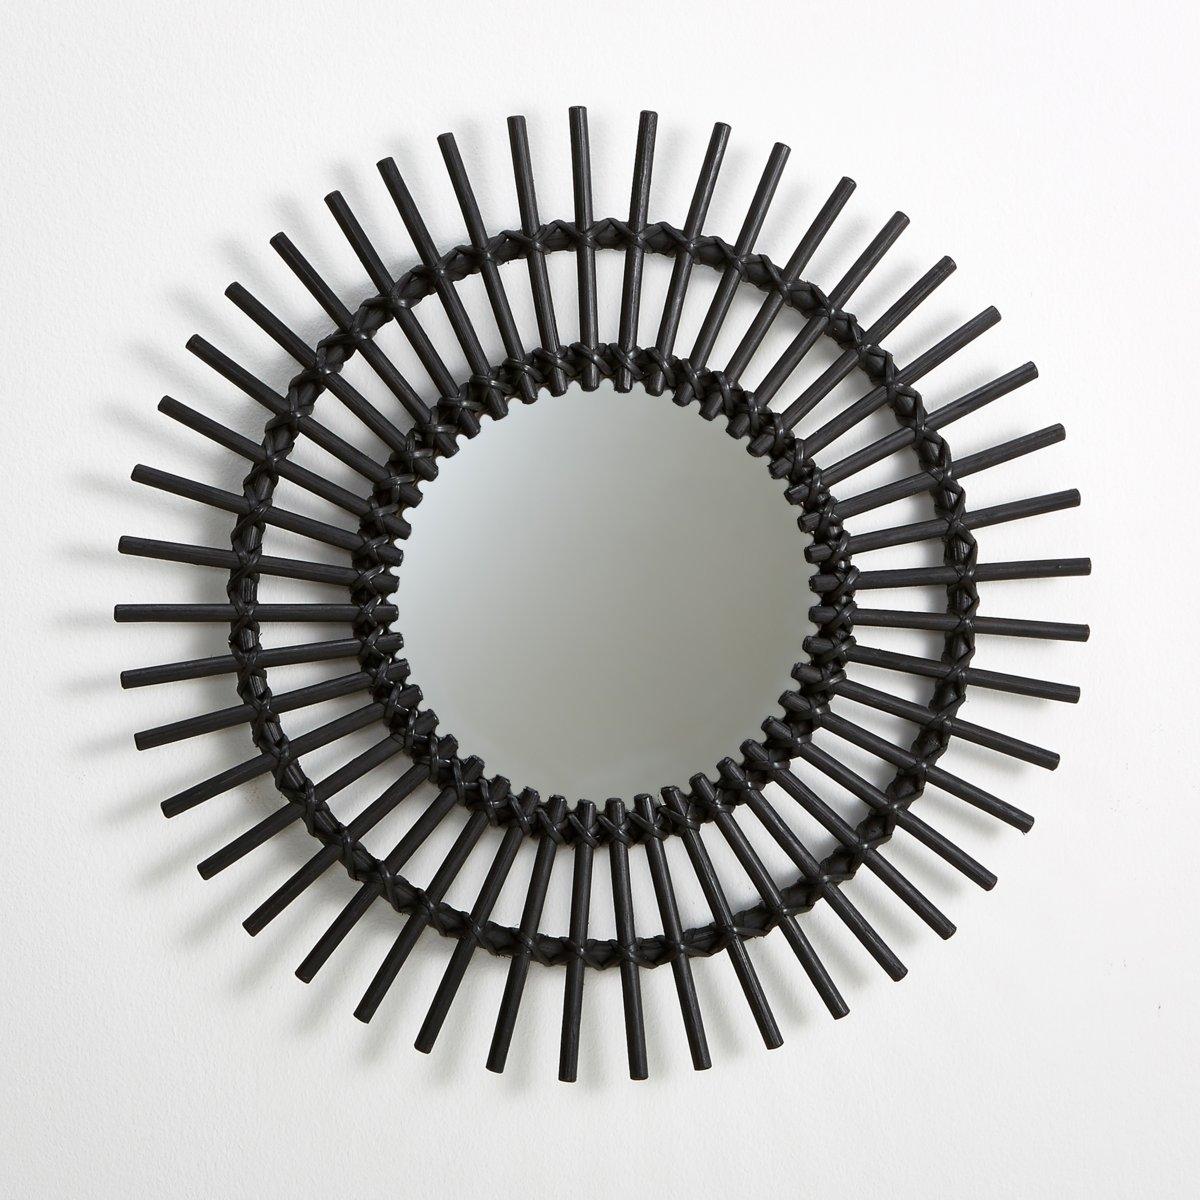 Винтажное La Redoute Зеркало Nogu из ротанга в форме солнца единый размер черный зеркало la redoute из ротанга в форме яблока nogu единый размер бежевый